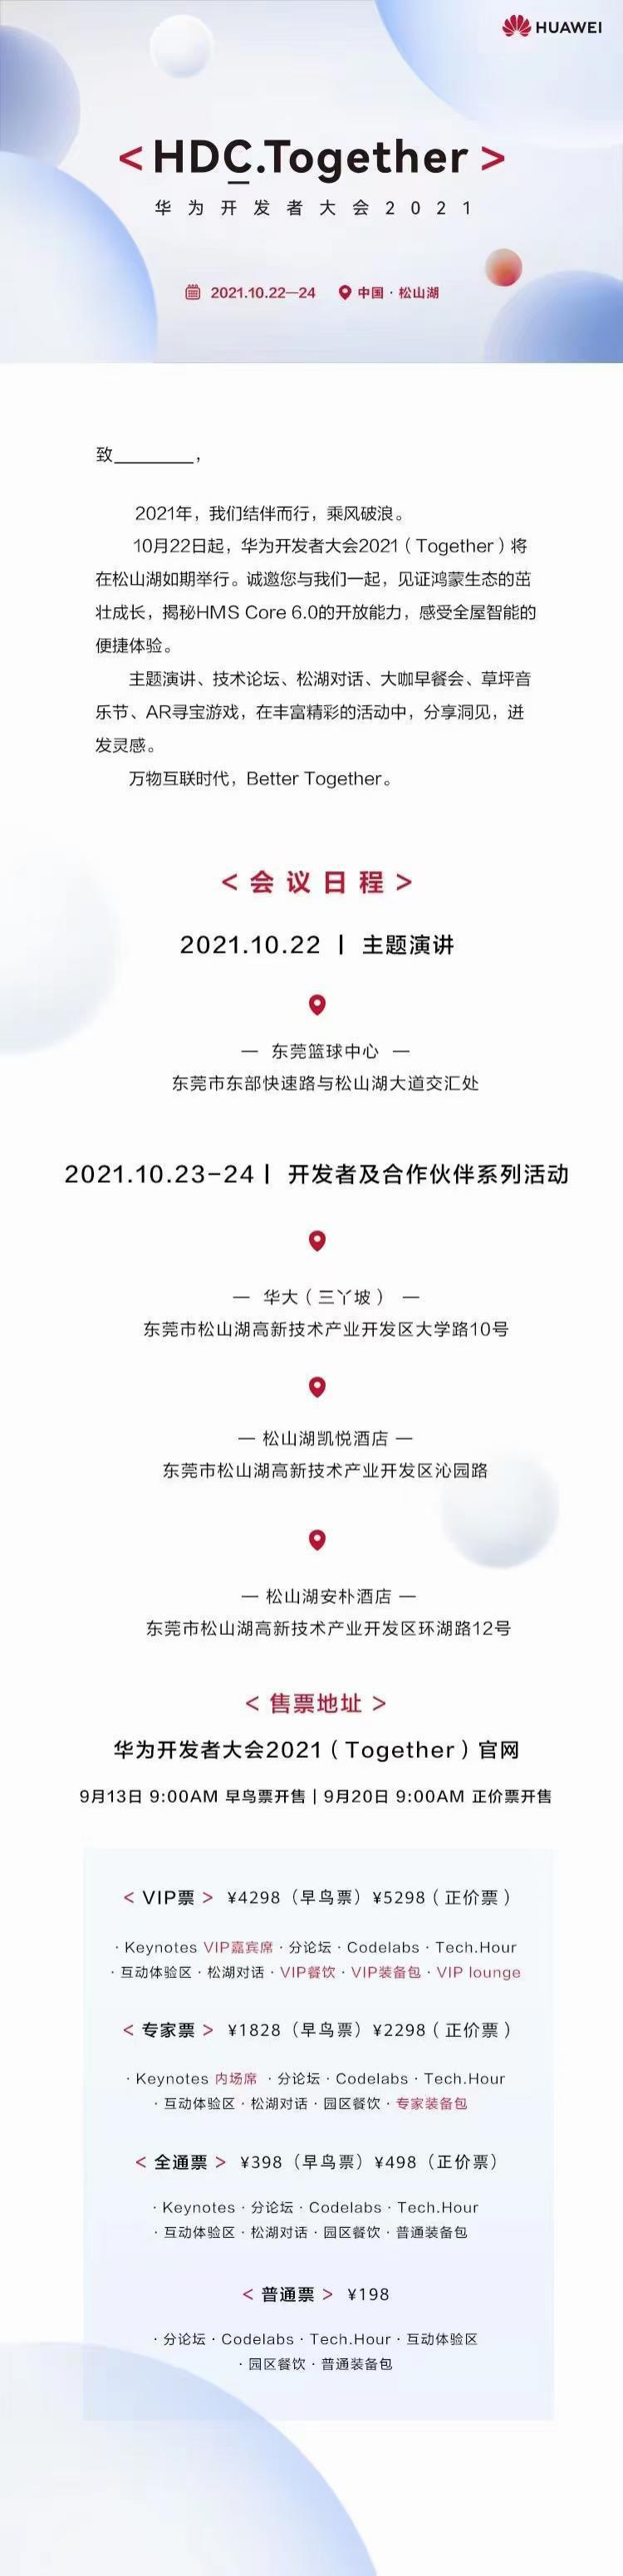 华为开发者大会 2021 举办时间确定:见证鸿蒙生态的成长